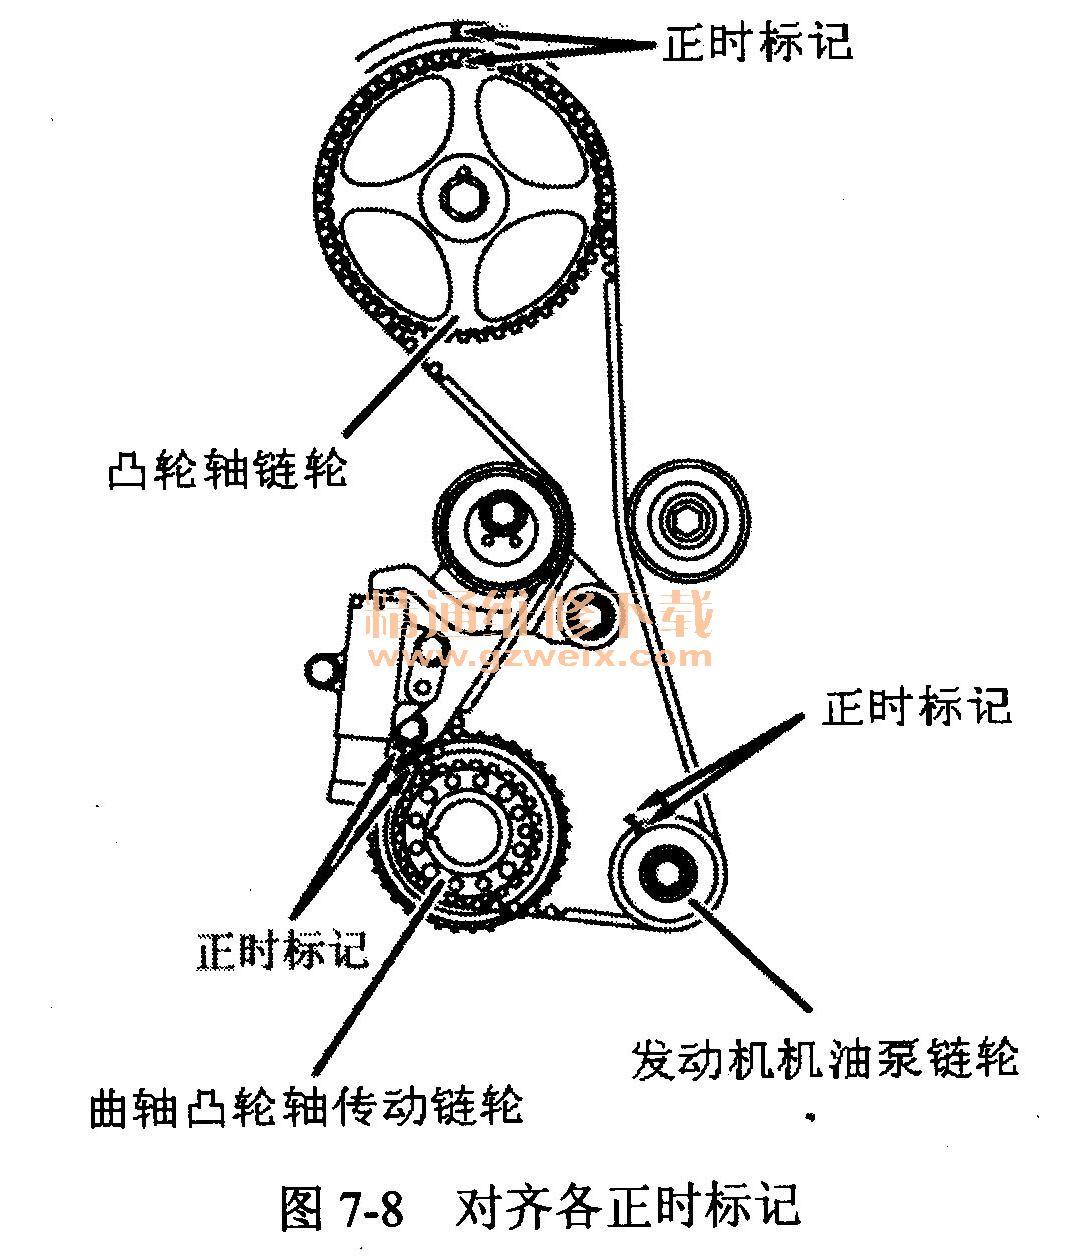 三菱伊柯丽斯 4g69 2.4 l型发动机 正时校对方法 高清图片